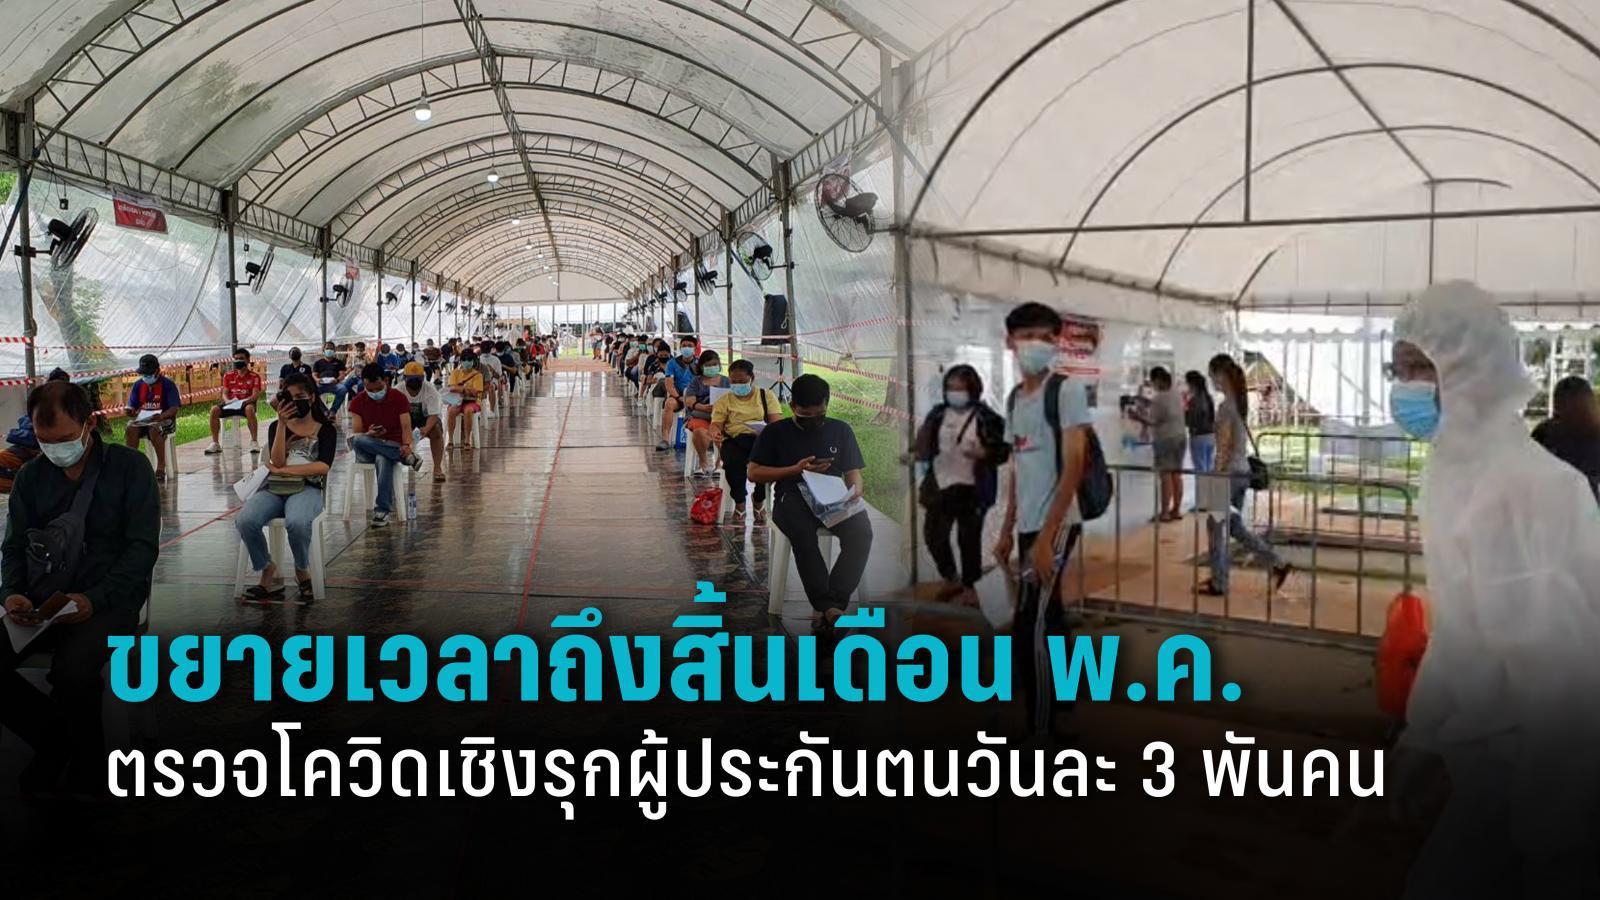 ขยายเวลาผู้ประกันตน ม 33 ,39 ,40 ตรวจโควิด สนามไทย-ญี่ปุ่นได้ถึงสิ้นเดือน พ.ค.